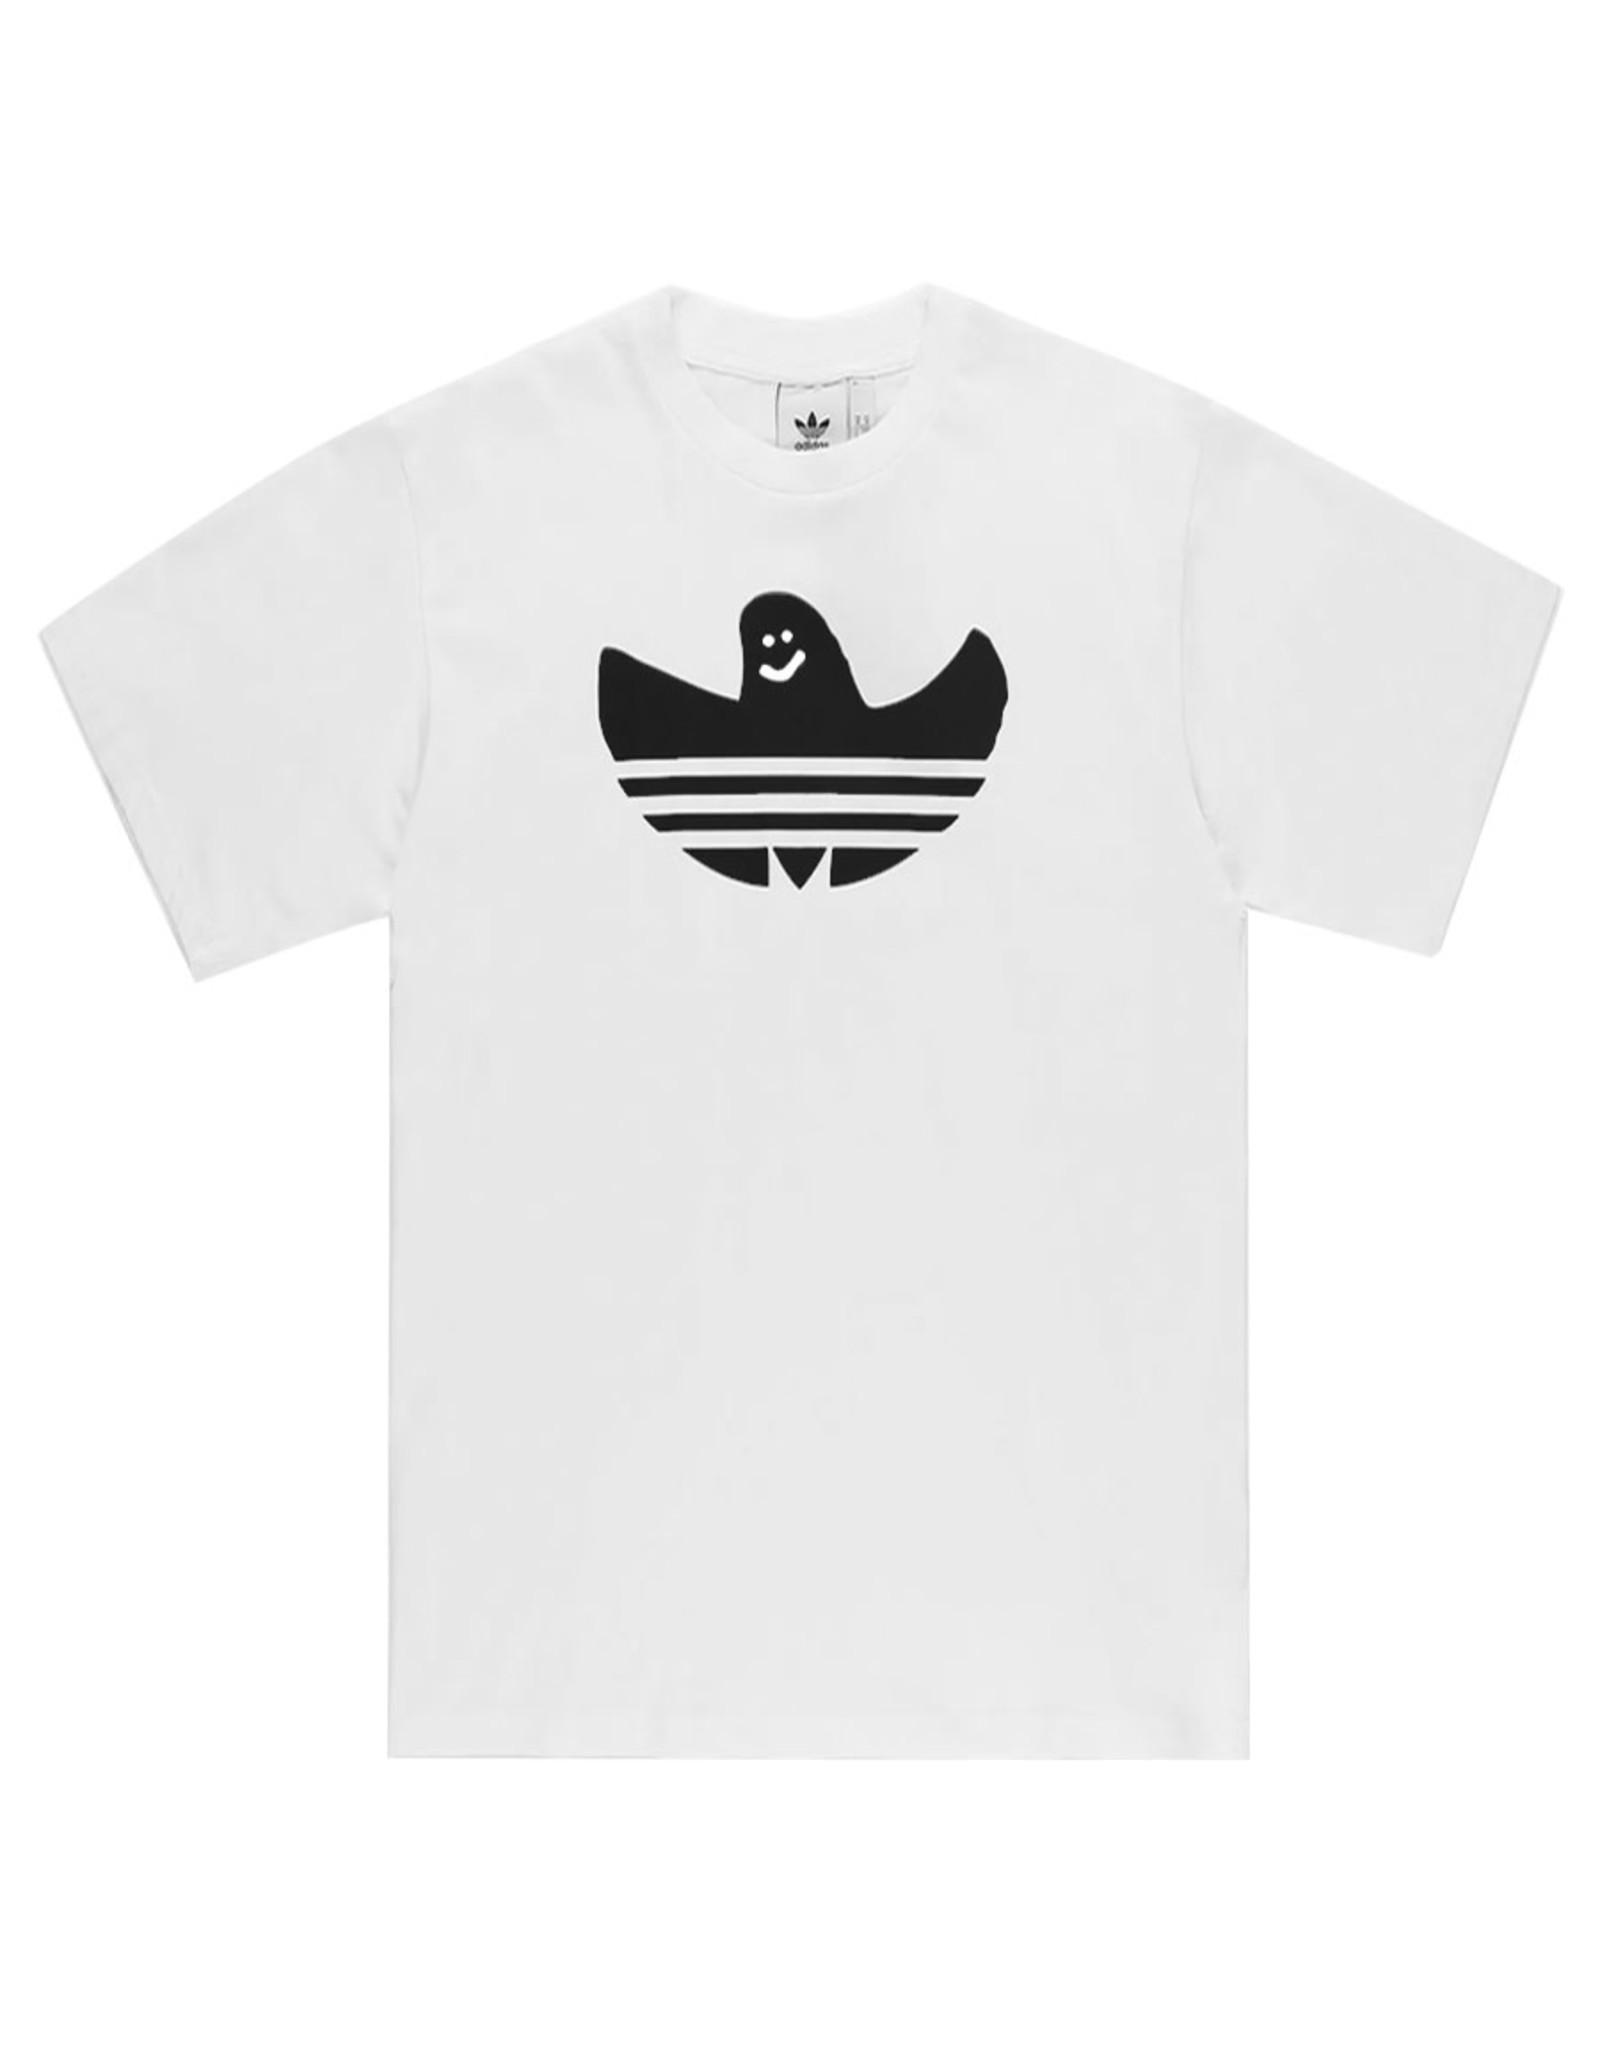 Adidas Adidas Tee G Shmoo S/S (White/Black)